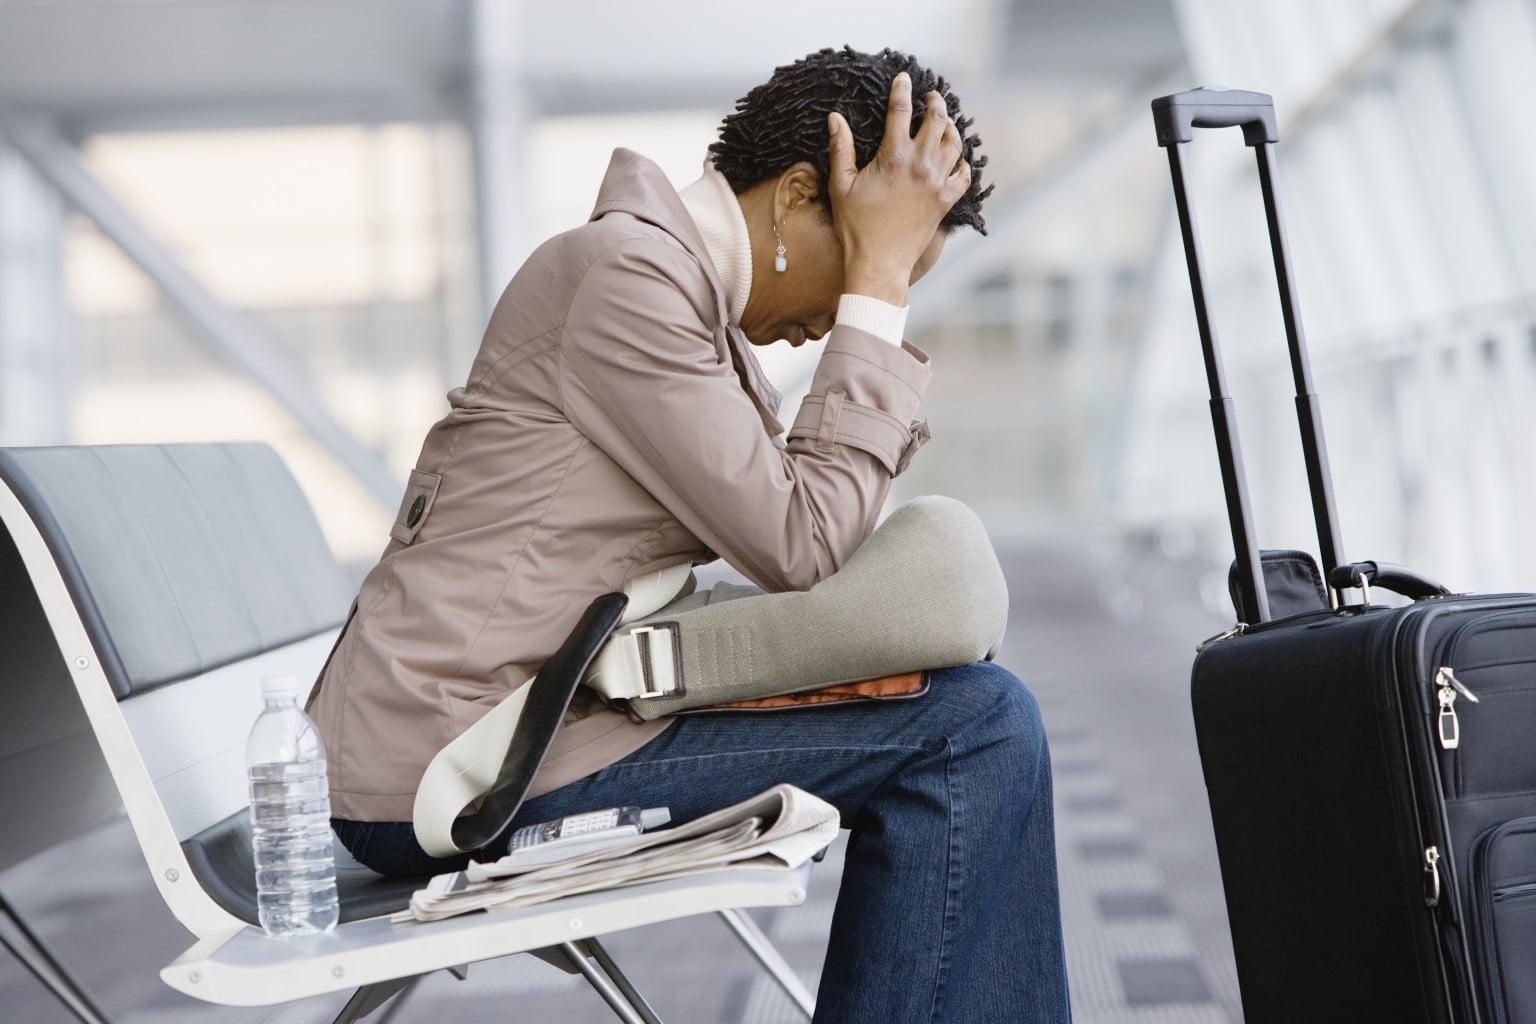 Perda de compromisso profissional por atraso de voo: conheça os seus direitos [Exemplo]